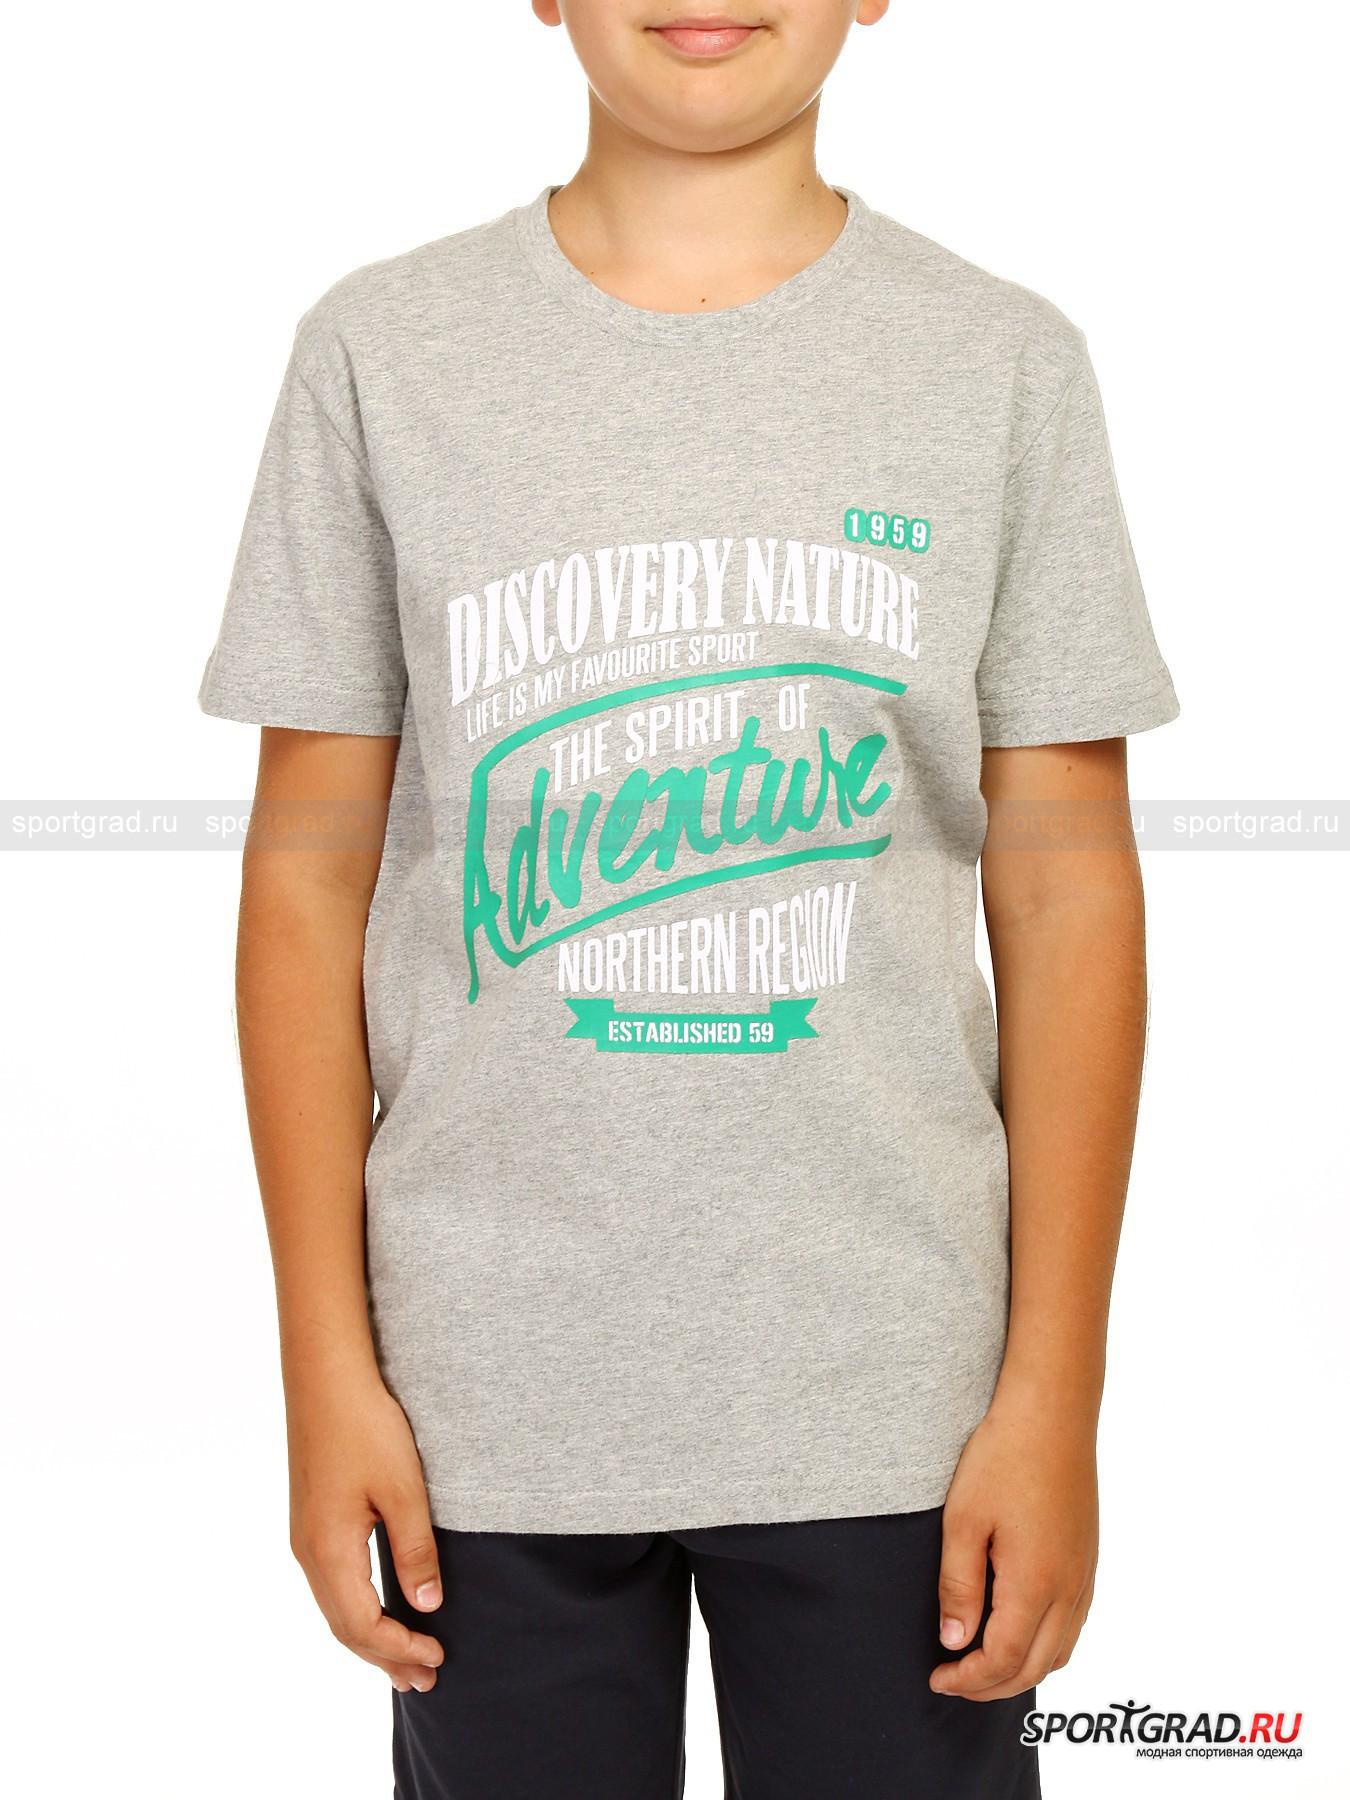 Футболка для мальчиков JUNIOR T-SHIRT JERSEY CAMPAGNOLOФутболки<br>Плотная детская футболка CAMPAGNOLO, сшитая из особенно мягкой хлопковой ткани непременно станет одной из самых любимых вещей для Вашего ребёнка. Грудь модели украшена большим зелёно-белым принтом с именем коллекции и девизом компании: LIFE IS MY FAVOURITE SPORT! Также футболка декорирована небольшой нашивкой с  логотипом компании и надписью CMP NORTHERN REGION. Дизайн и качество CAMPAGNOLO, рождённый в Италии.<br><br>Возраст: Детский<br>Тип: Футболки<br>Рекомендации по уходу: Ручная стирка при 30 градусах, щадящий ручной отжим, гладить при температуре до 120 градусов, вывернув наизнанку.<br>Состав: 100% хлопок